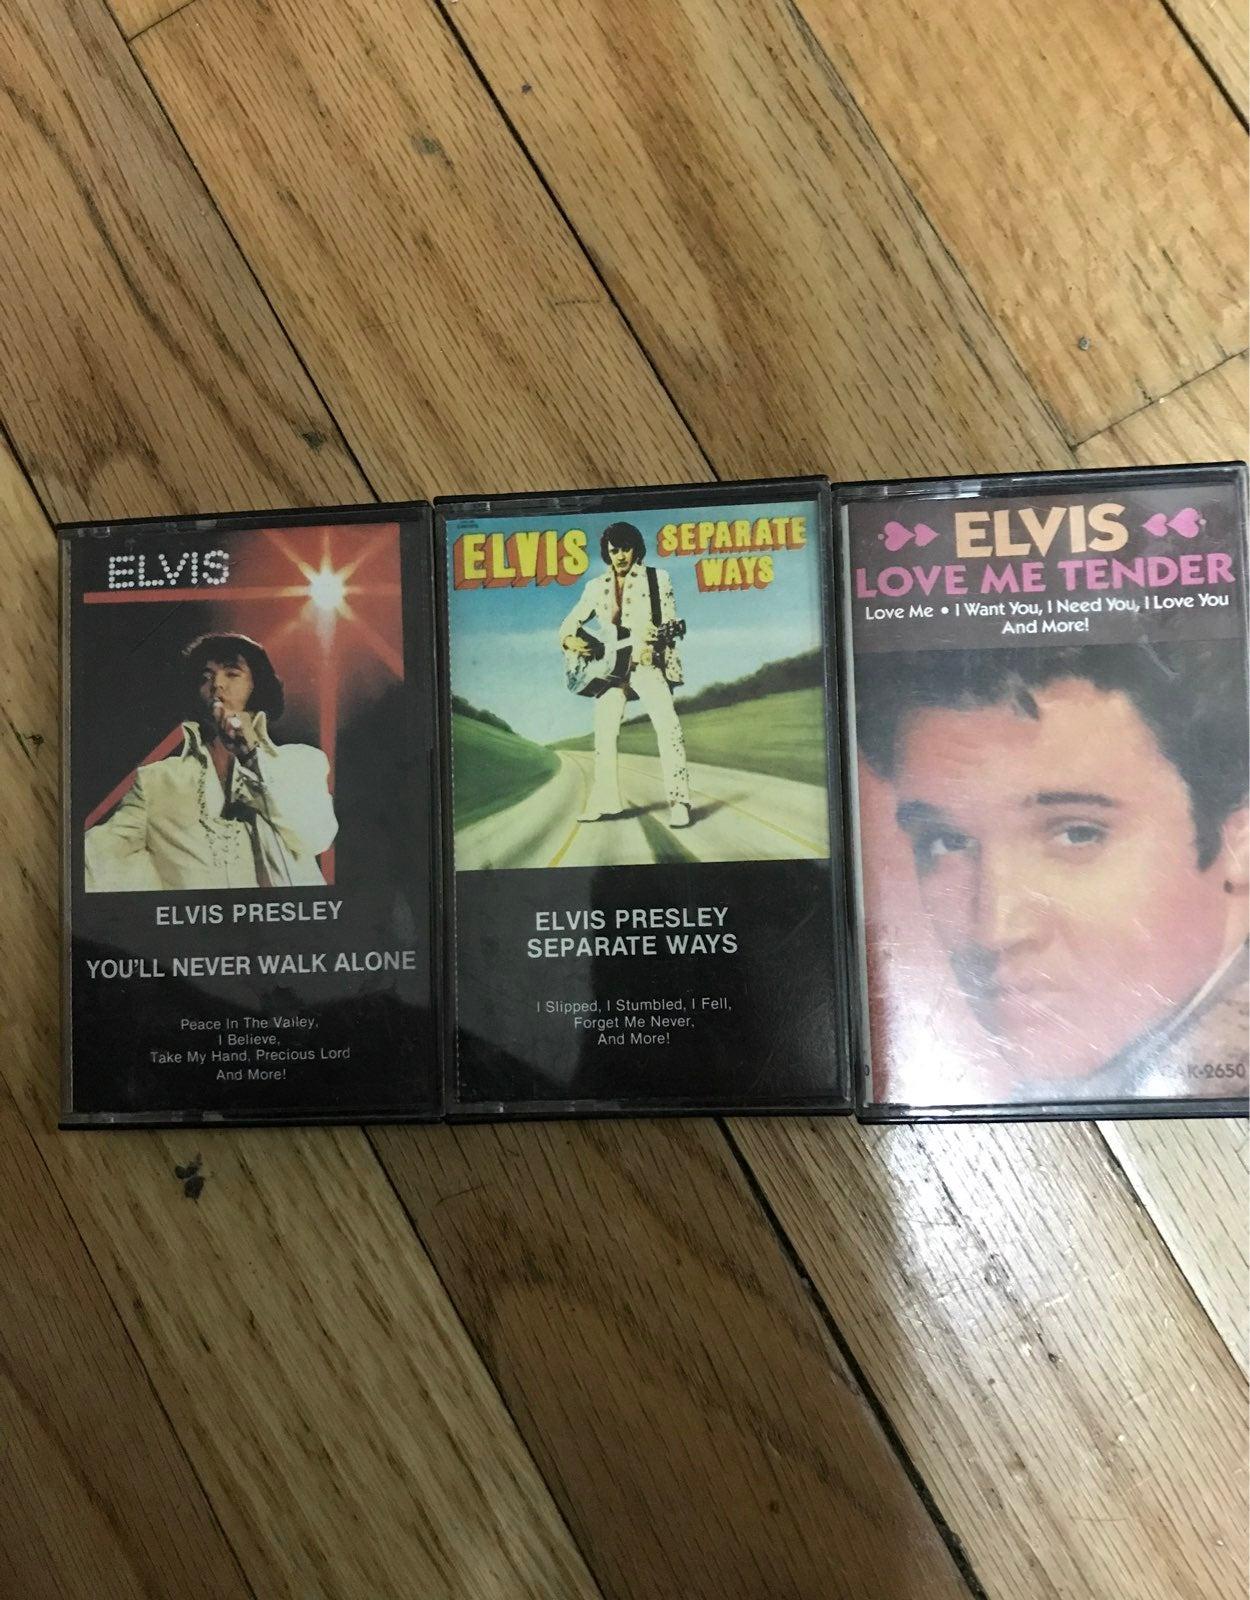 3 RCA elvis presley casetes